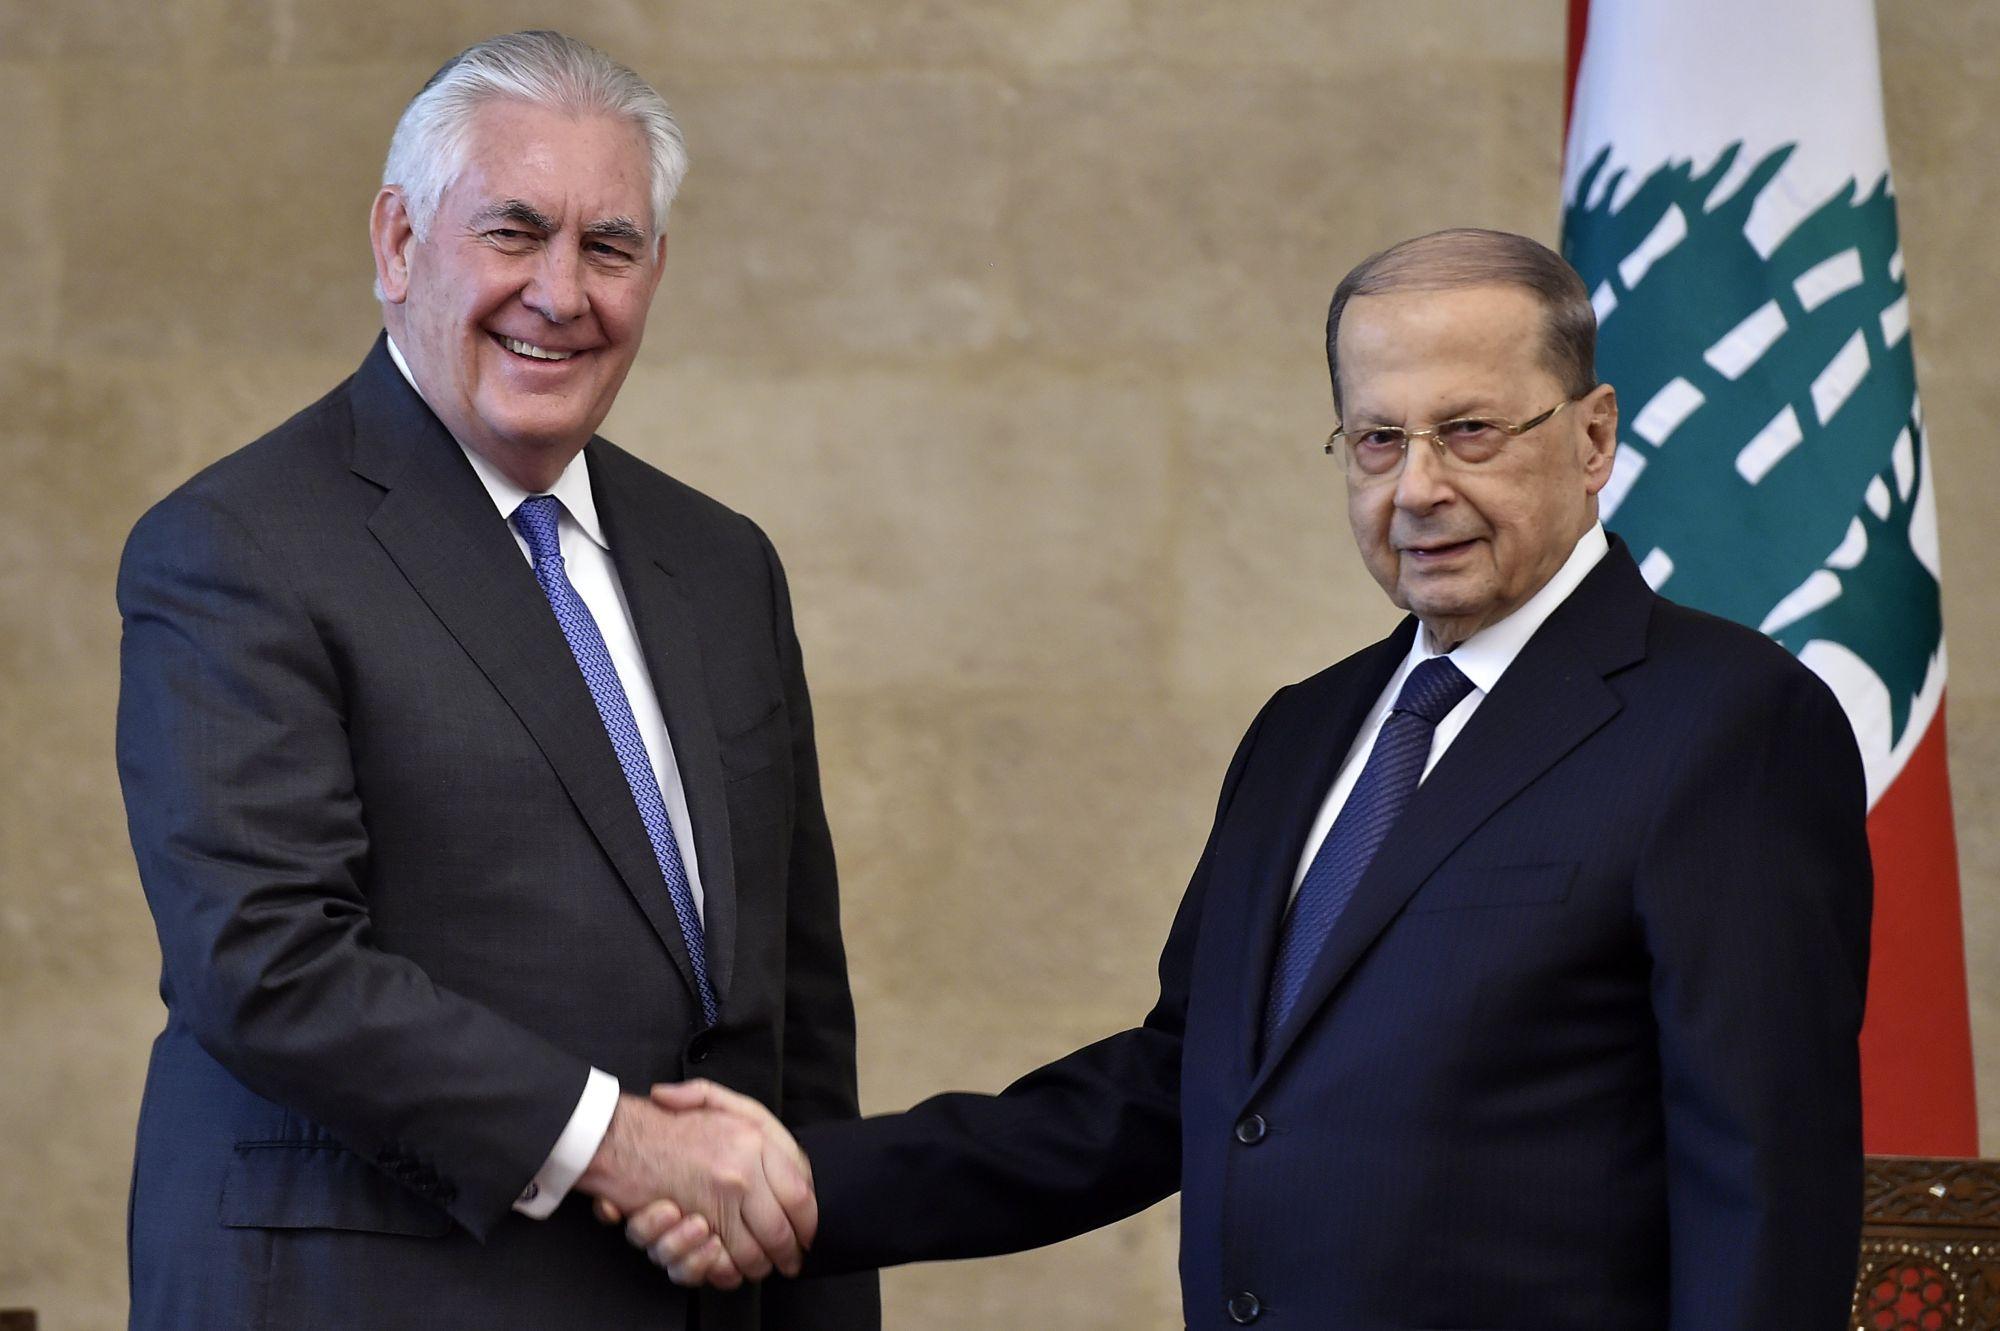 Michel Aun libanoni elnök (j) fogadja Rex Tillerson amerikai külügyminisztert a baabdai elnöki palotában 2018. február 15-én. (MTI/EPA/Vael Hamzeh)